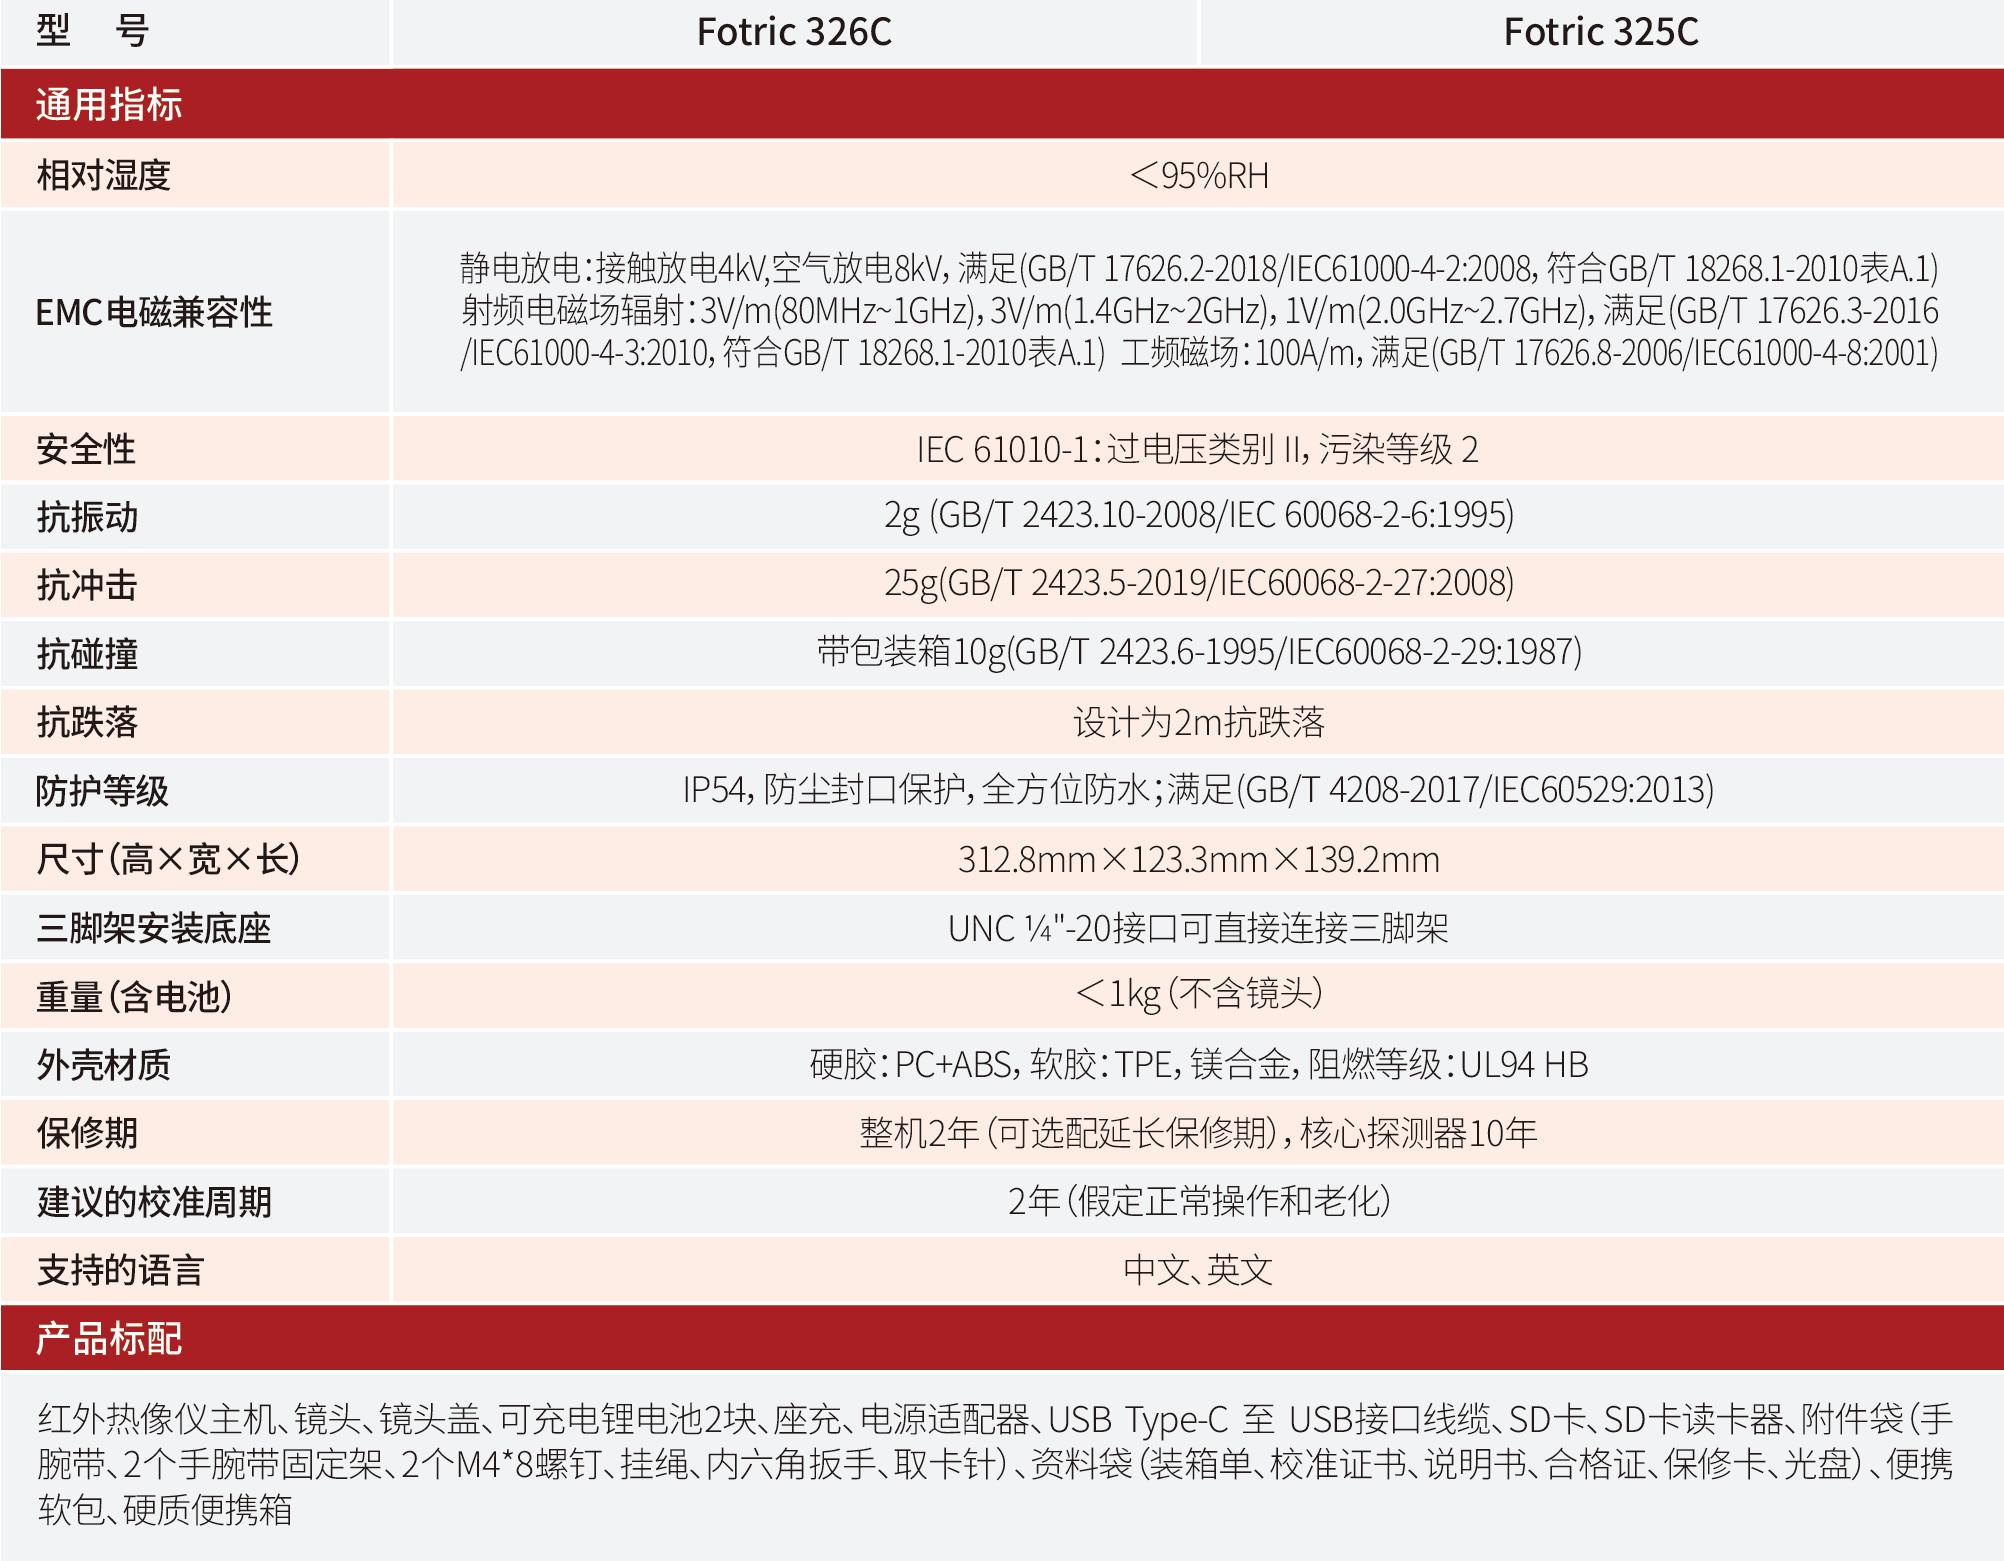 FOTRIC 320C